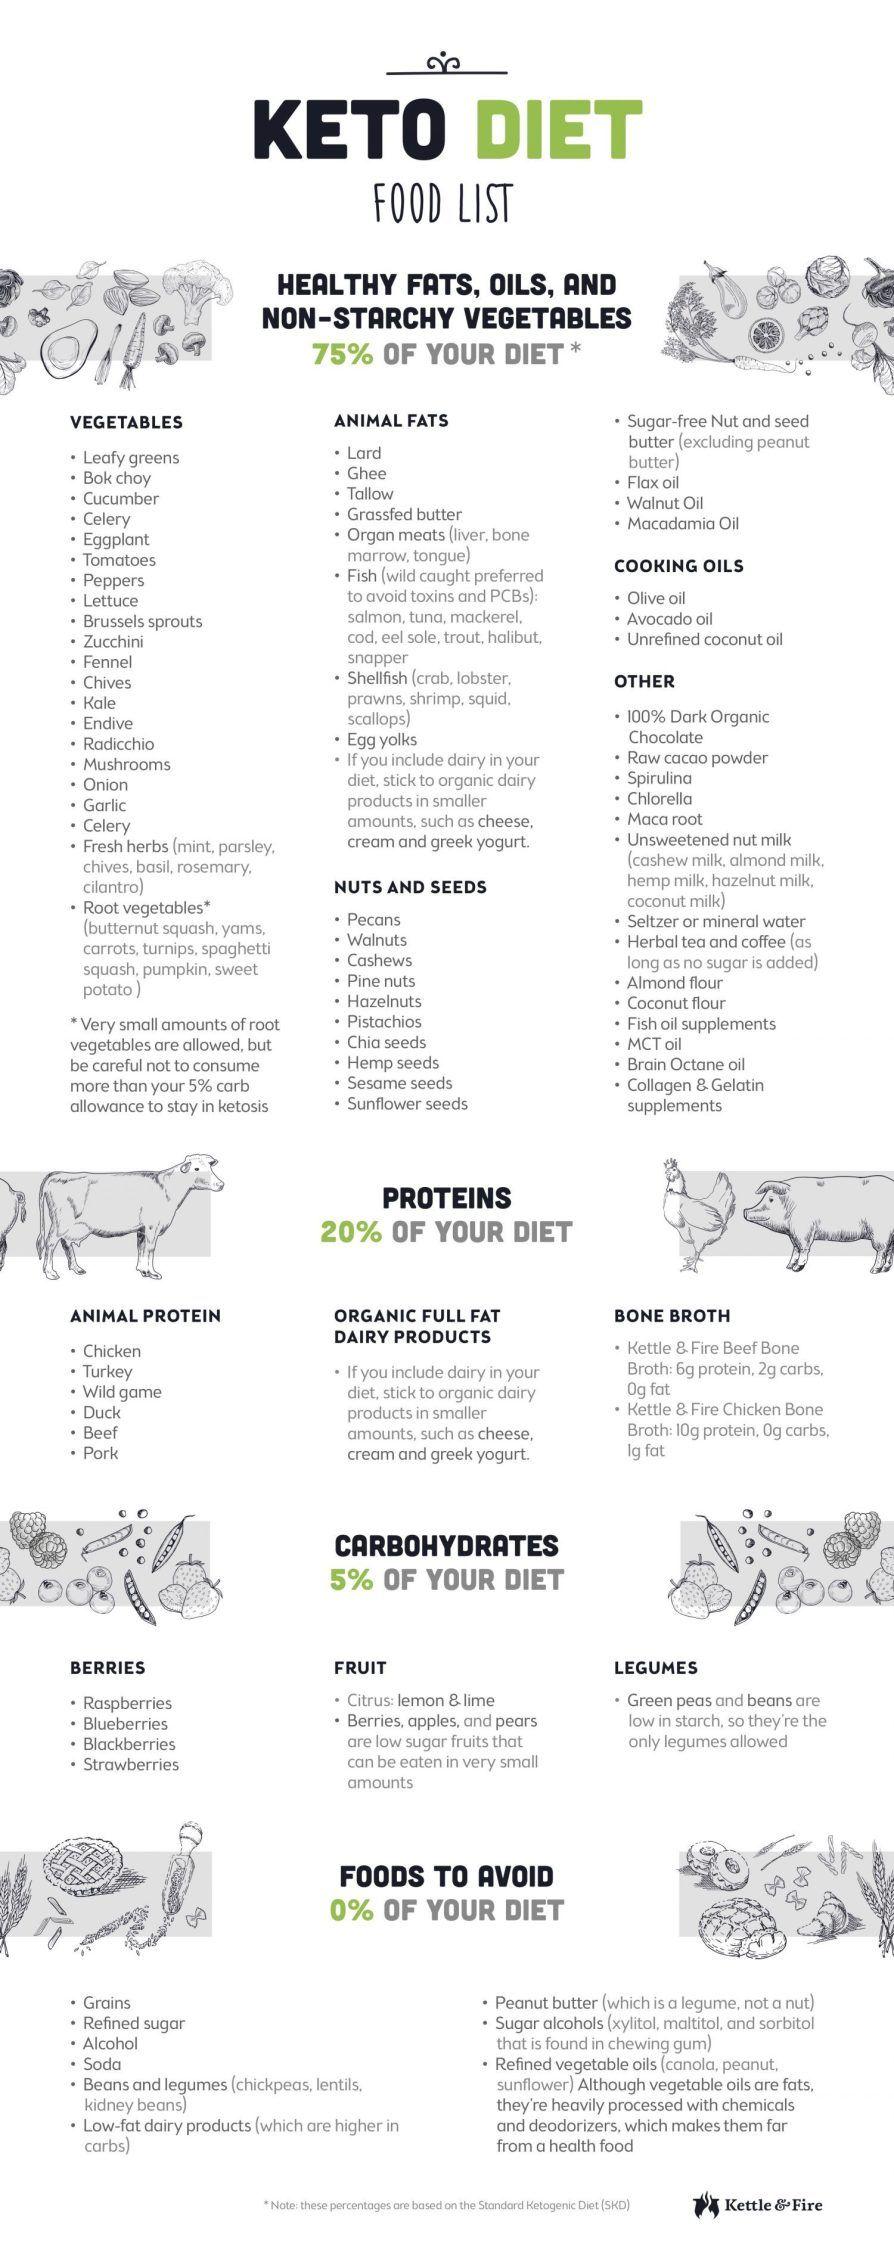 The Ultimate Keto Diet Beginner's Guide & Grocery List #ketodietforbeginners